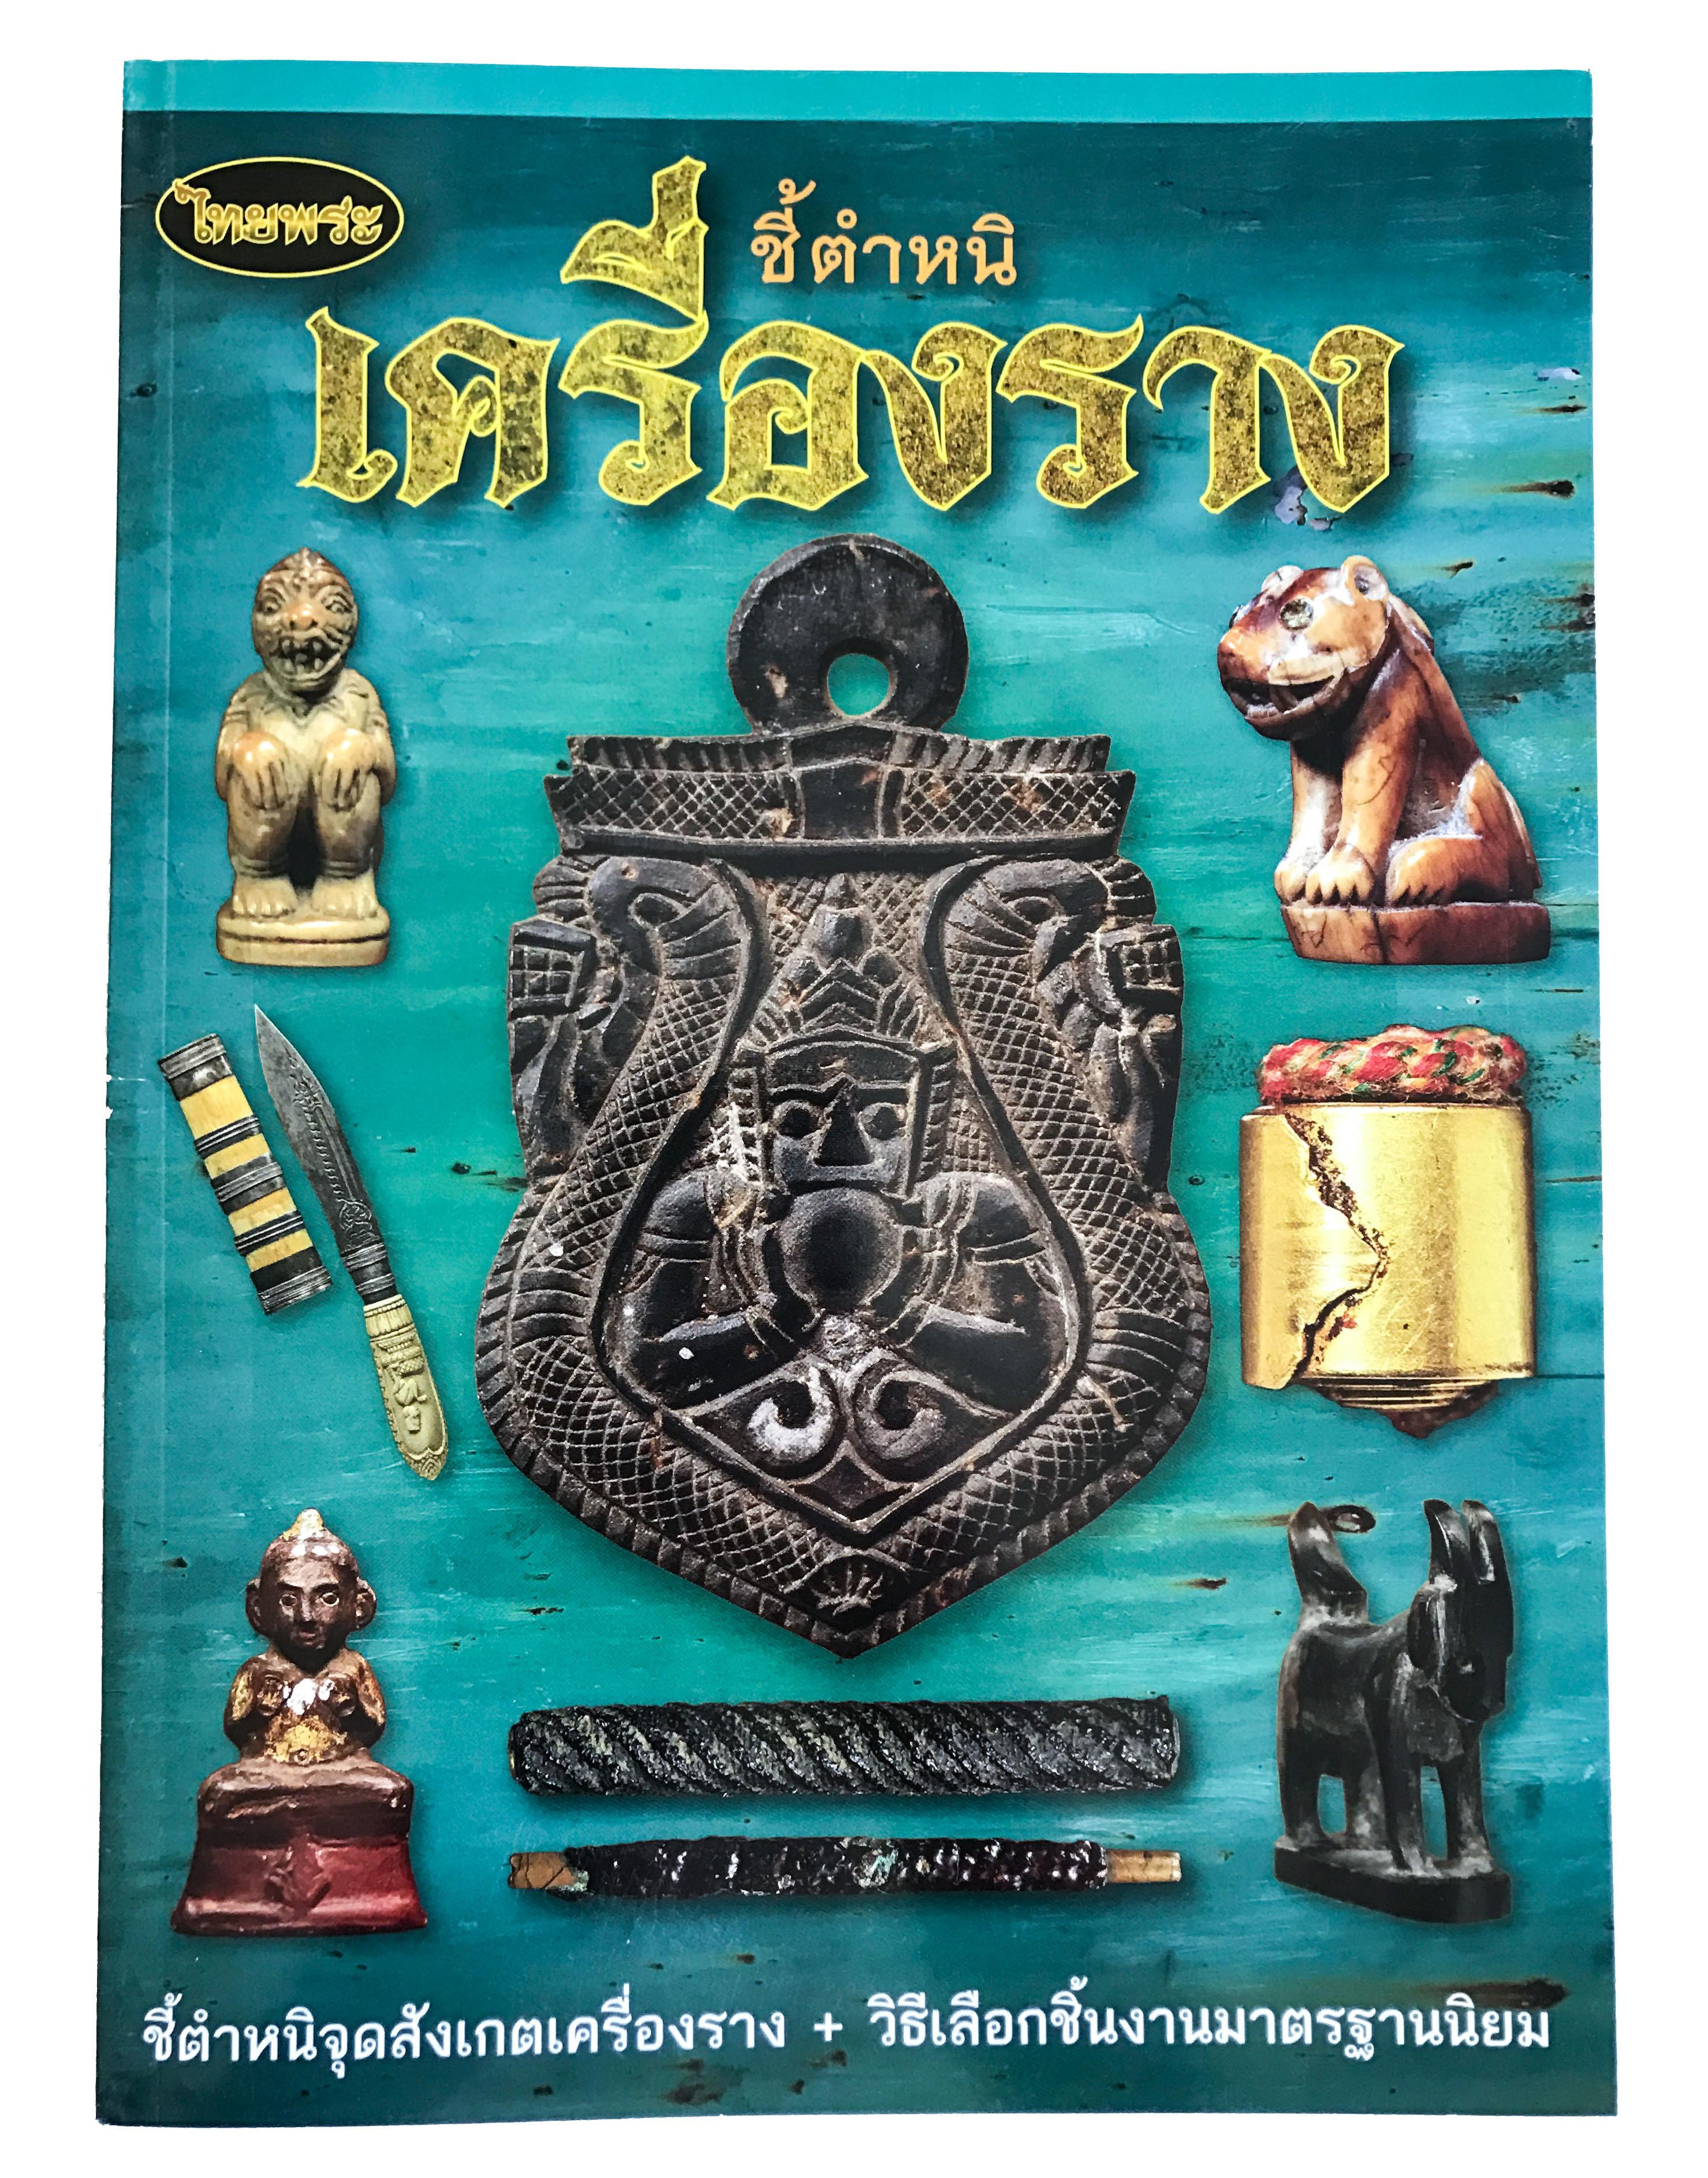 Chi Dtamni Krueang Rang Front Cover